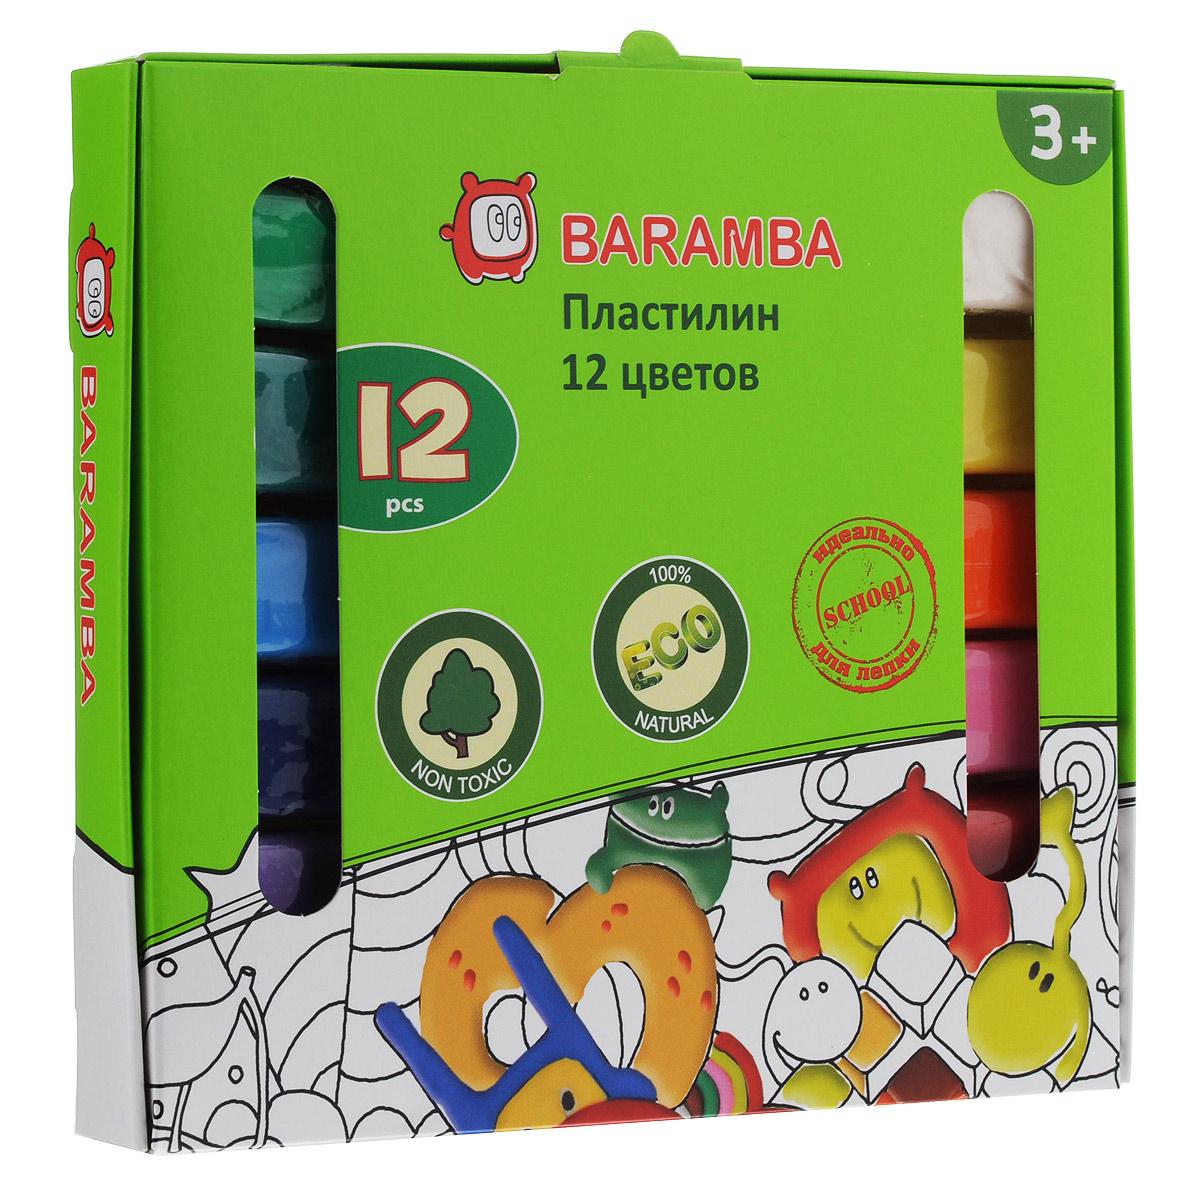 Пластилин на растительной основе Baramba, 12 цветов72523WDПластилин на растительной основе Baramba - это отличная возможность познакомить ребенка с еще одним из видов изобразительного творчества, в котором создаются объемные образы и целые композиции. В набор входит пластилин 12 ярких цветов (белый, желтый, оранжевый, розовый, красный, коричневый, светло-зеленый, зеленый, голубой, синий, фиолетовый, черный). Цвета пластилина легко смешиваются между собой, и таким образом можно получить новые оттенки. Пластилин на растительной основе, очень мягкий, содержит натуральные масла и воск, легко смешивается друг с другом и не липнет к рукам и не затвердевает.Техника лепки богата и разнообразна, но при этом доступна даже маленьким детям. Занятие лепкой не только увлекательно, но и полезно для ребенка. Оно способствует развитию творческого и пространственного мышления, восприятия формы, фактуры, цвета и веса, развивает воображение и мелкую моторику.